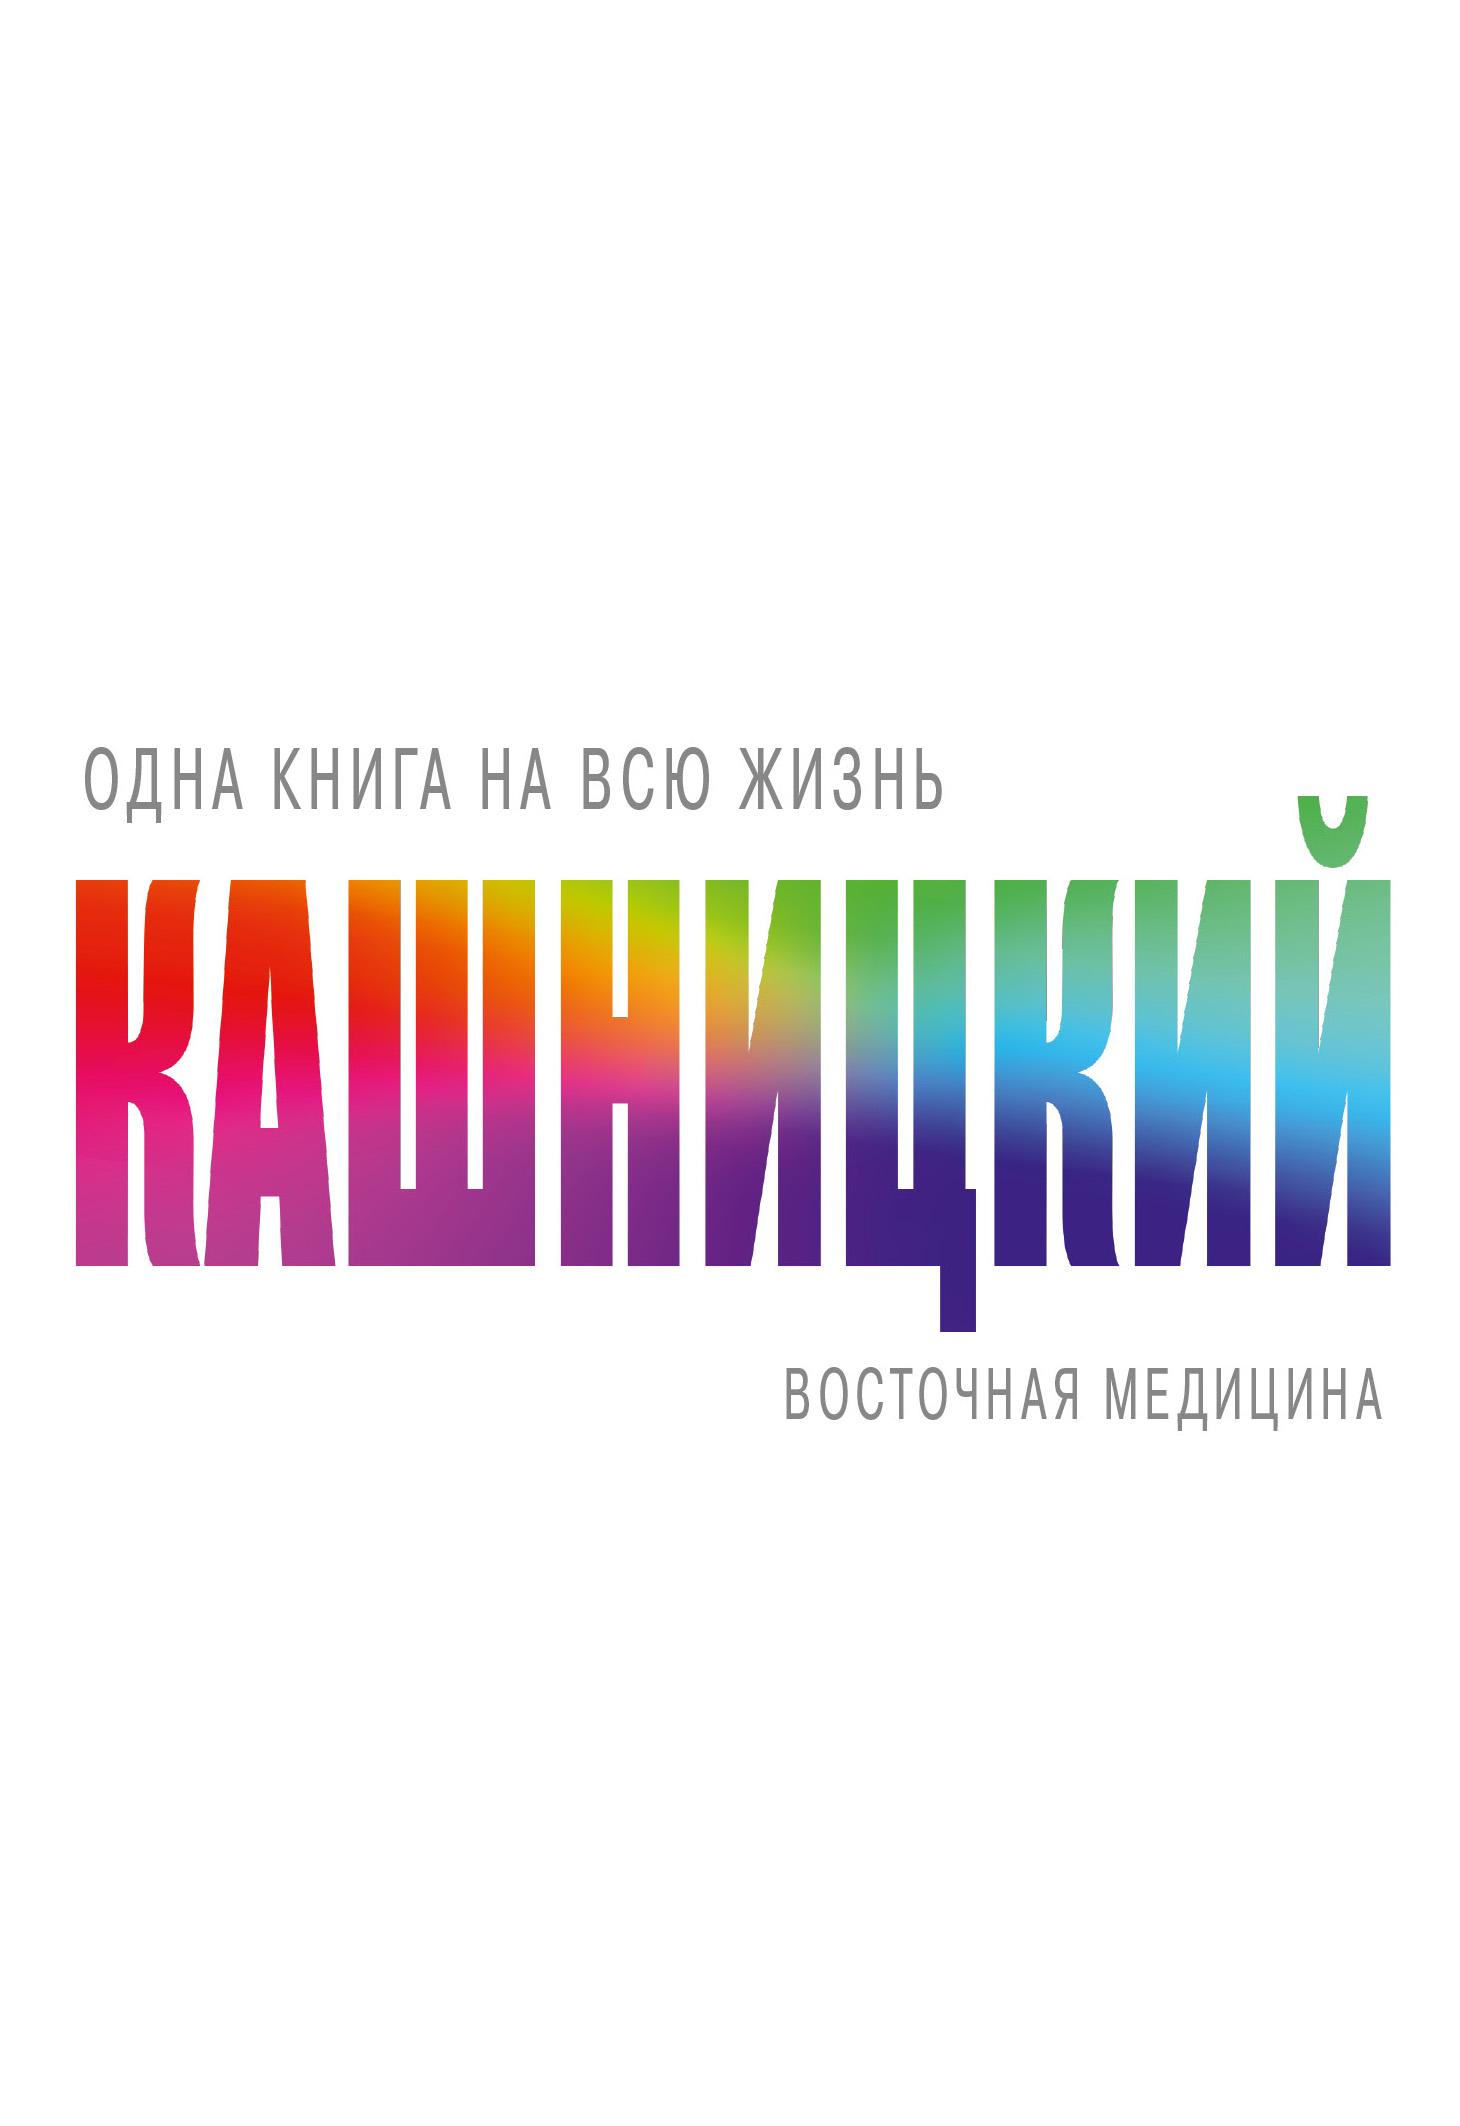 Савелий Кашницкий «Восточная медицина»